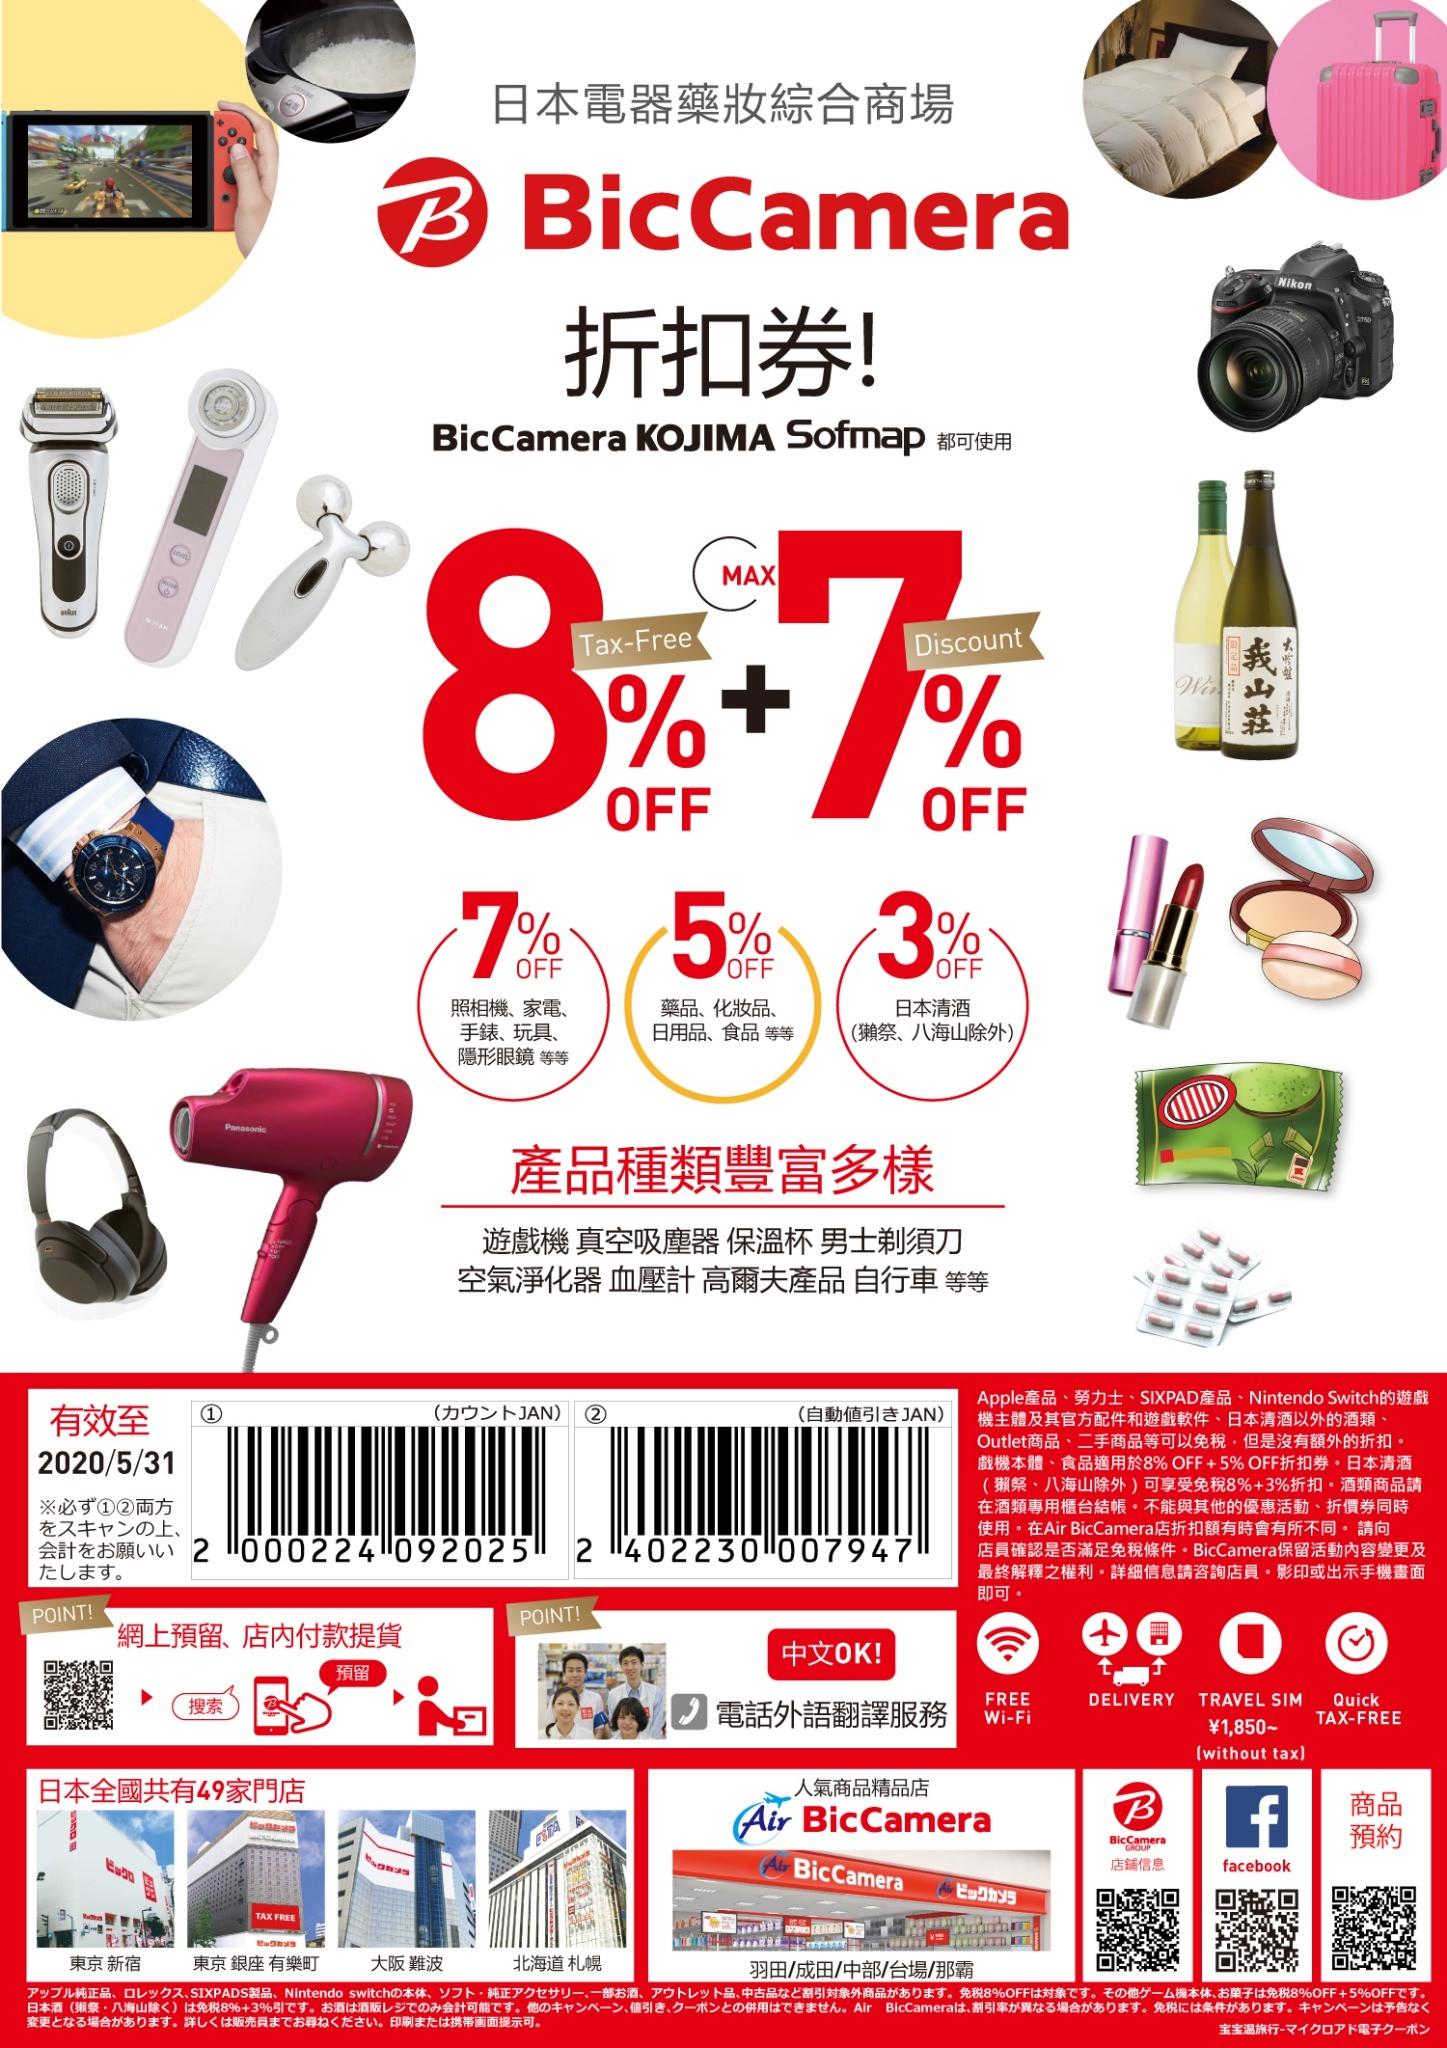 最新2020日本Bic Camera電器行優惠券下載